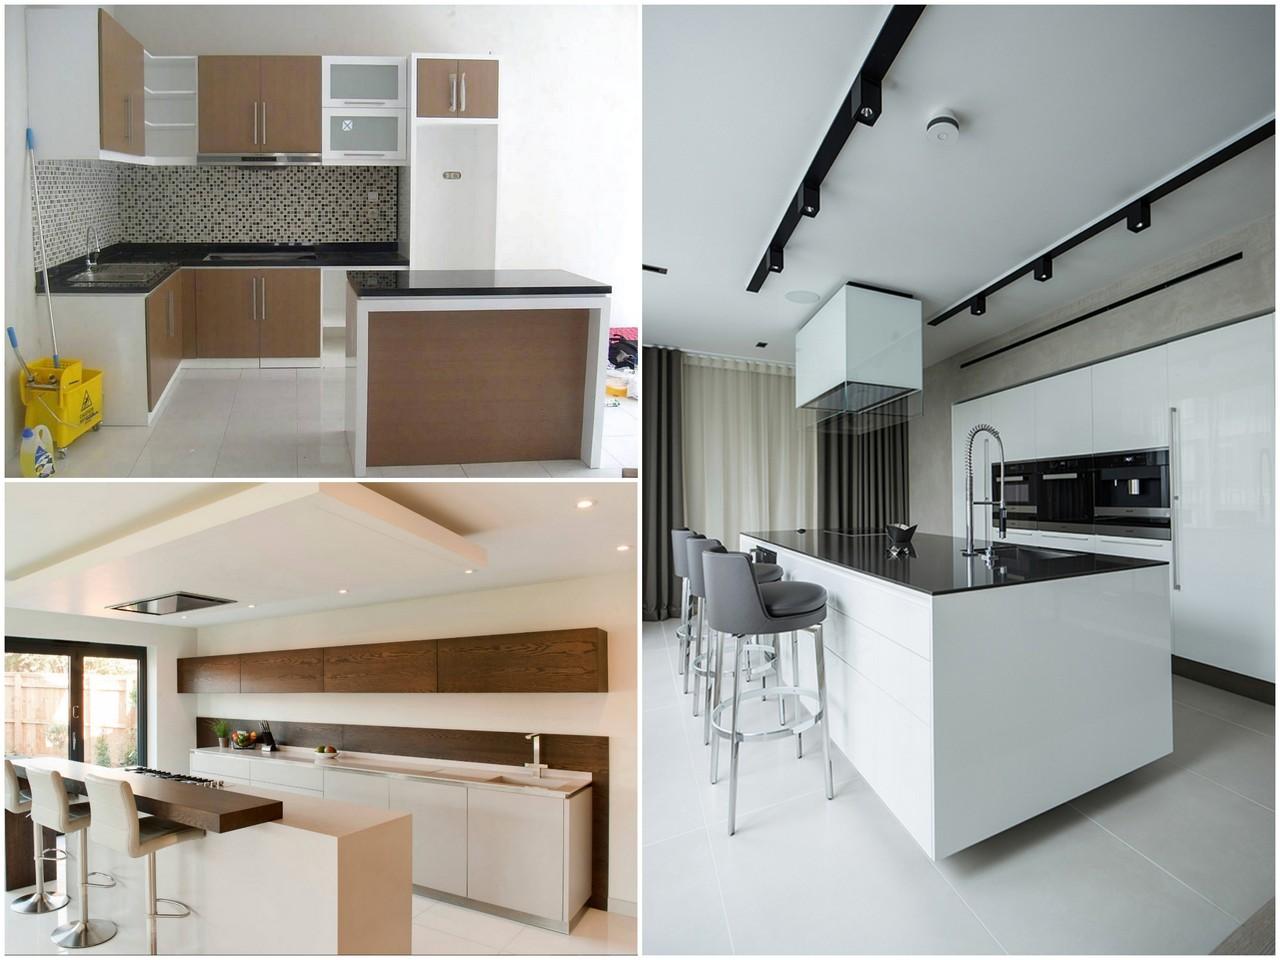 Кухонный гарнитур - основные элементы